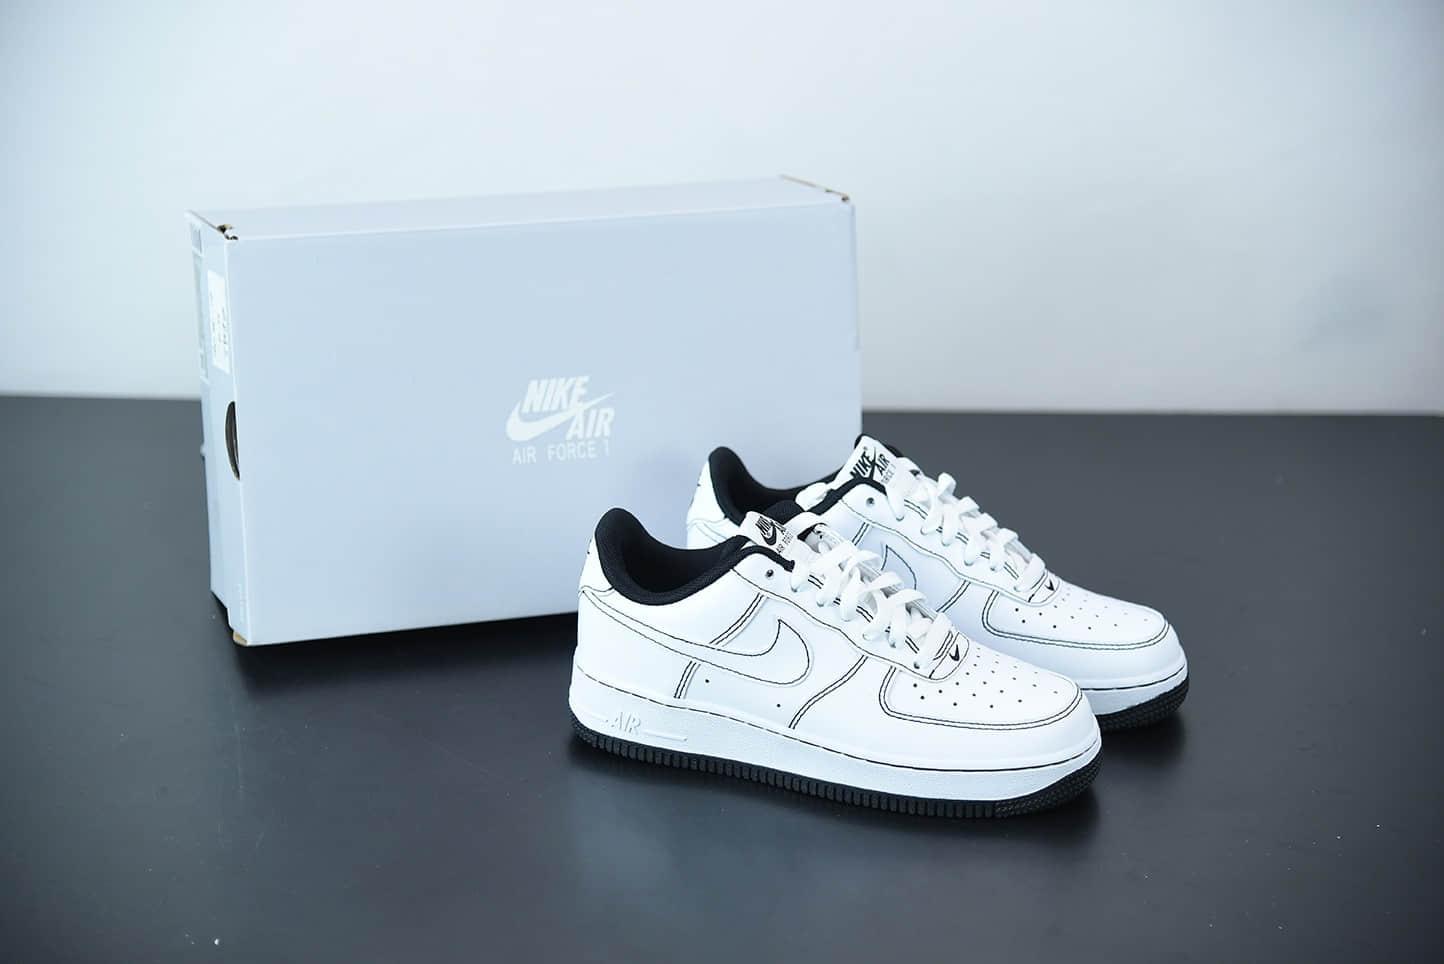 耐克 Nike Air Force 1 Low黑白线条空军一号低帮百搭休闲运动板鞋纯原版本 货号:CW1575-104